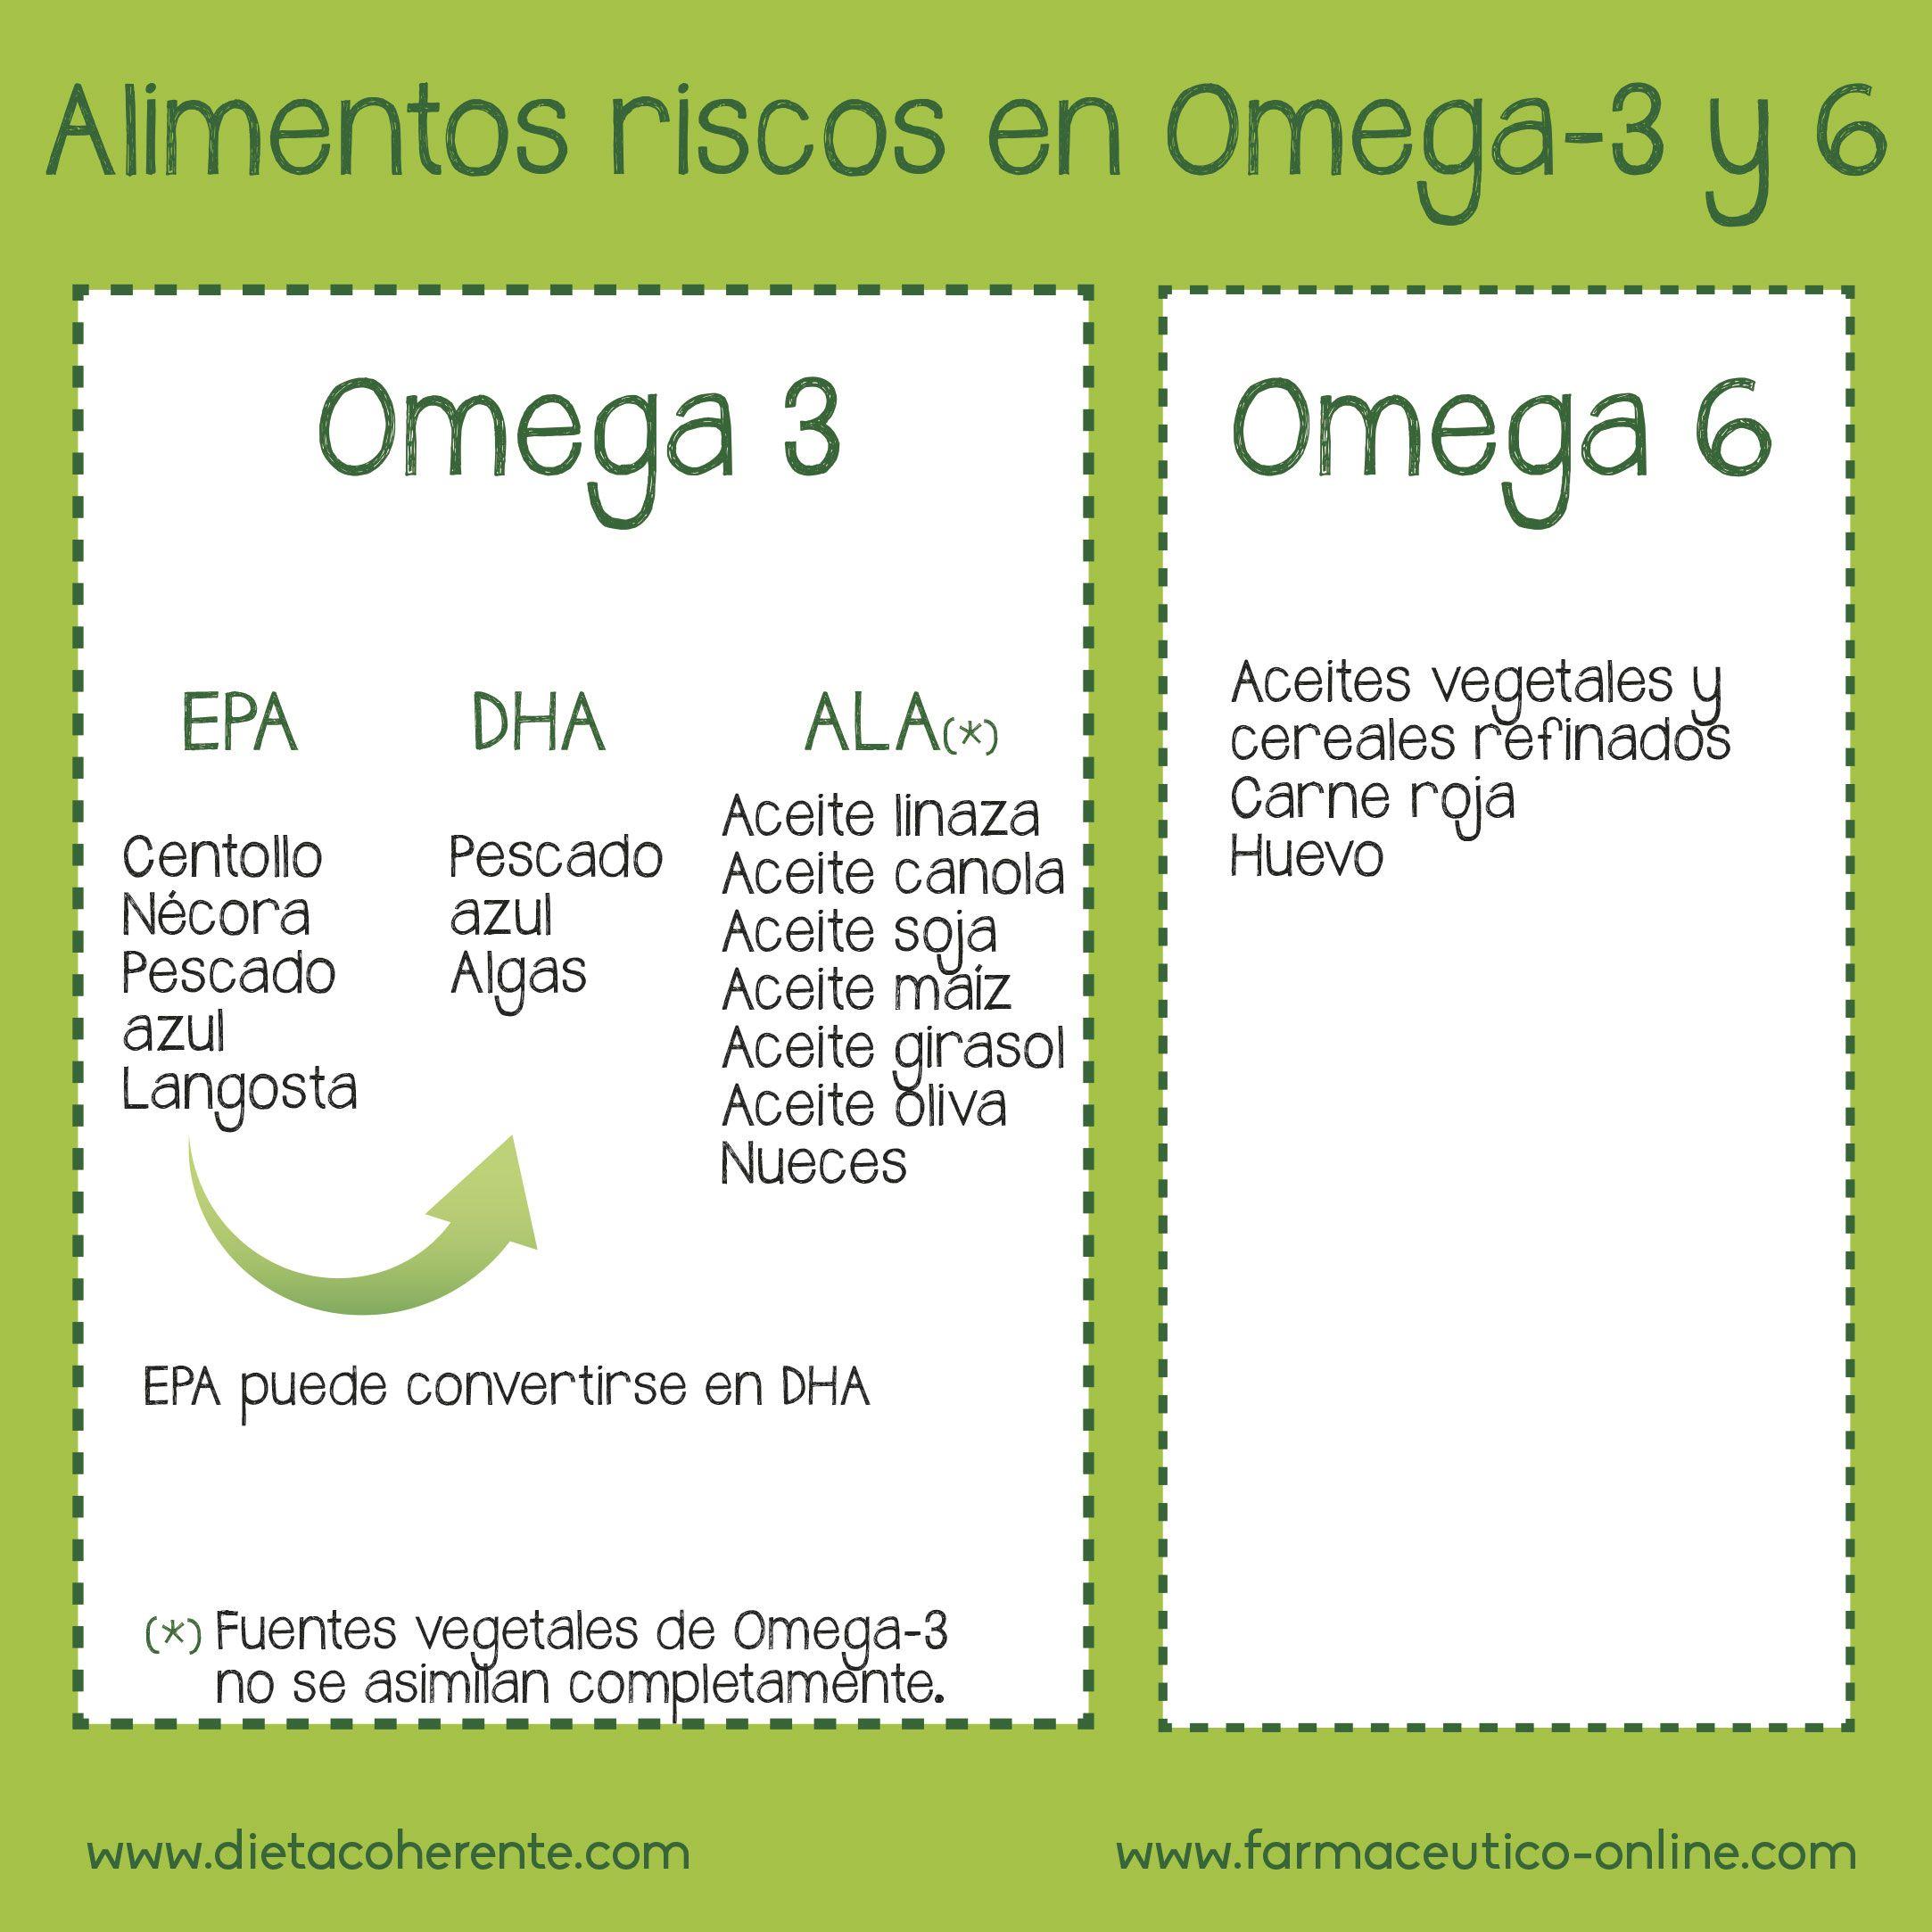 alimentos ricos en omega-3 y omega-6 | infografías | pinterest